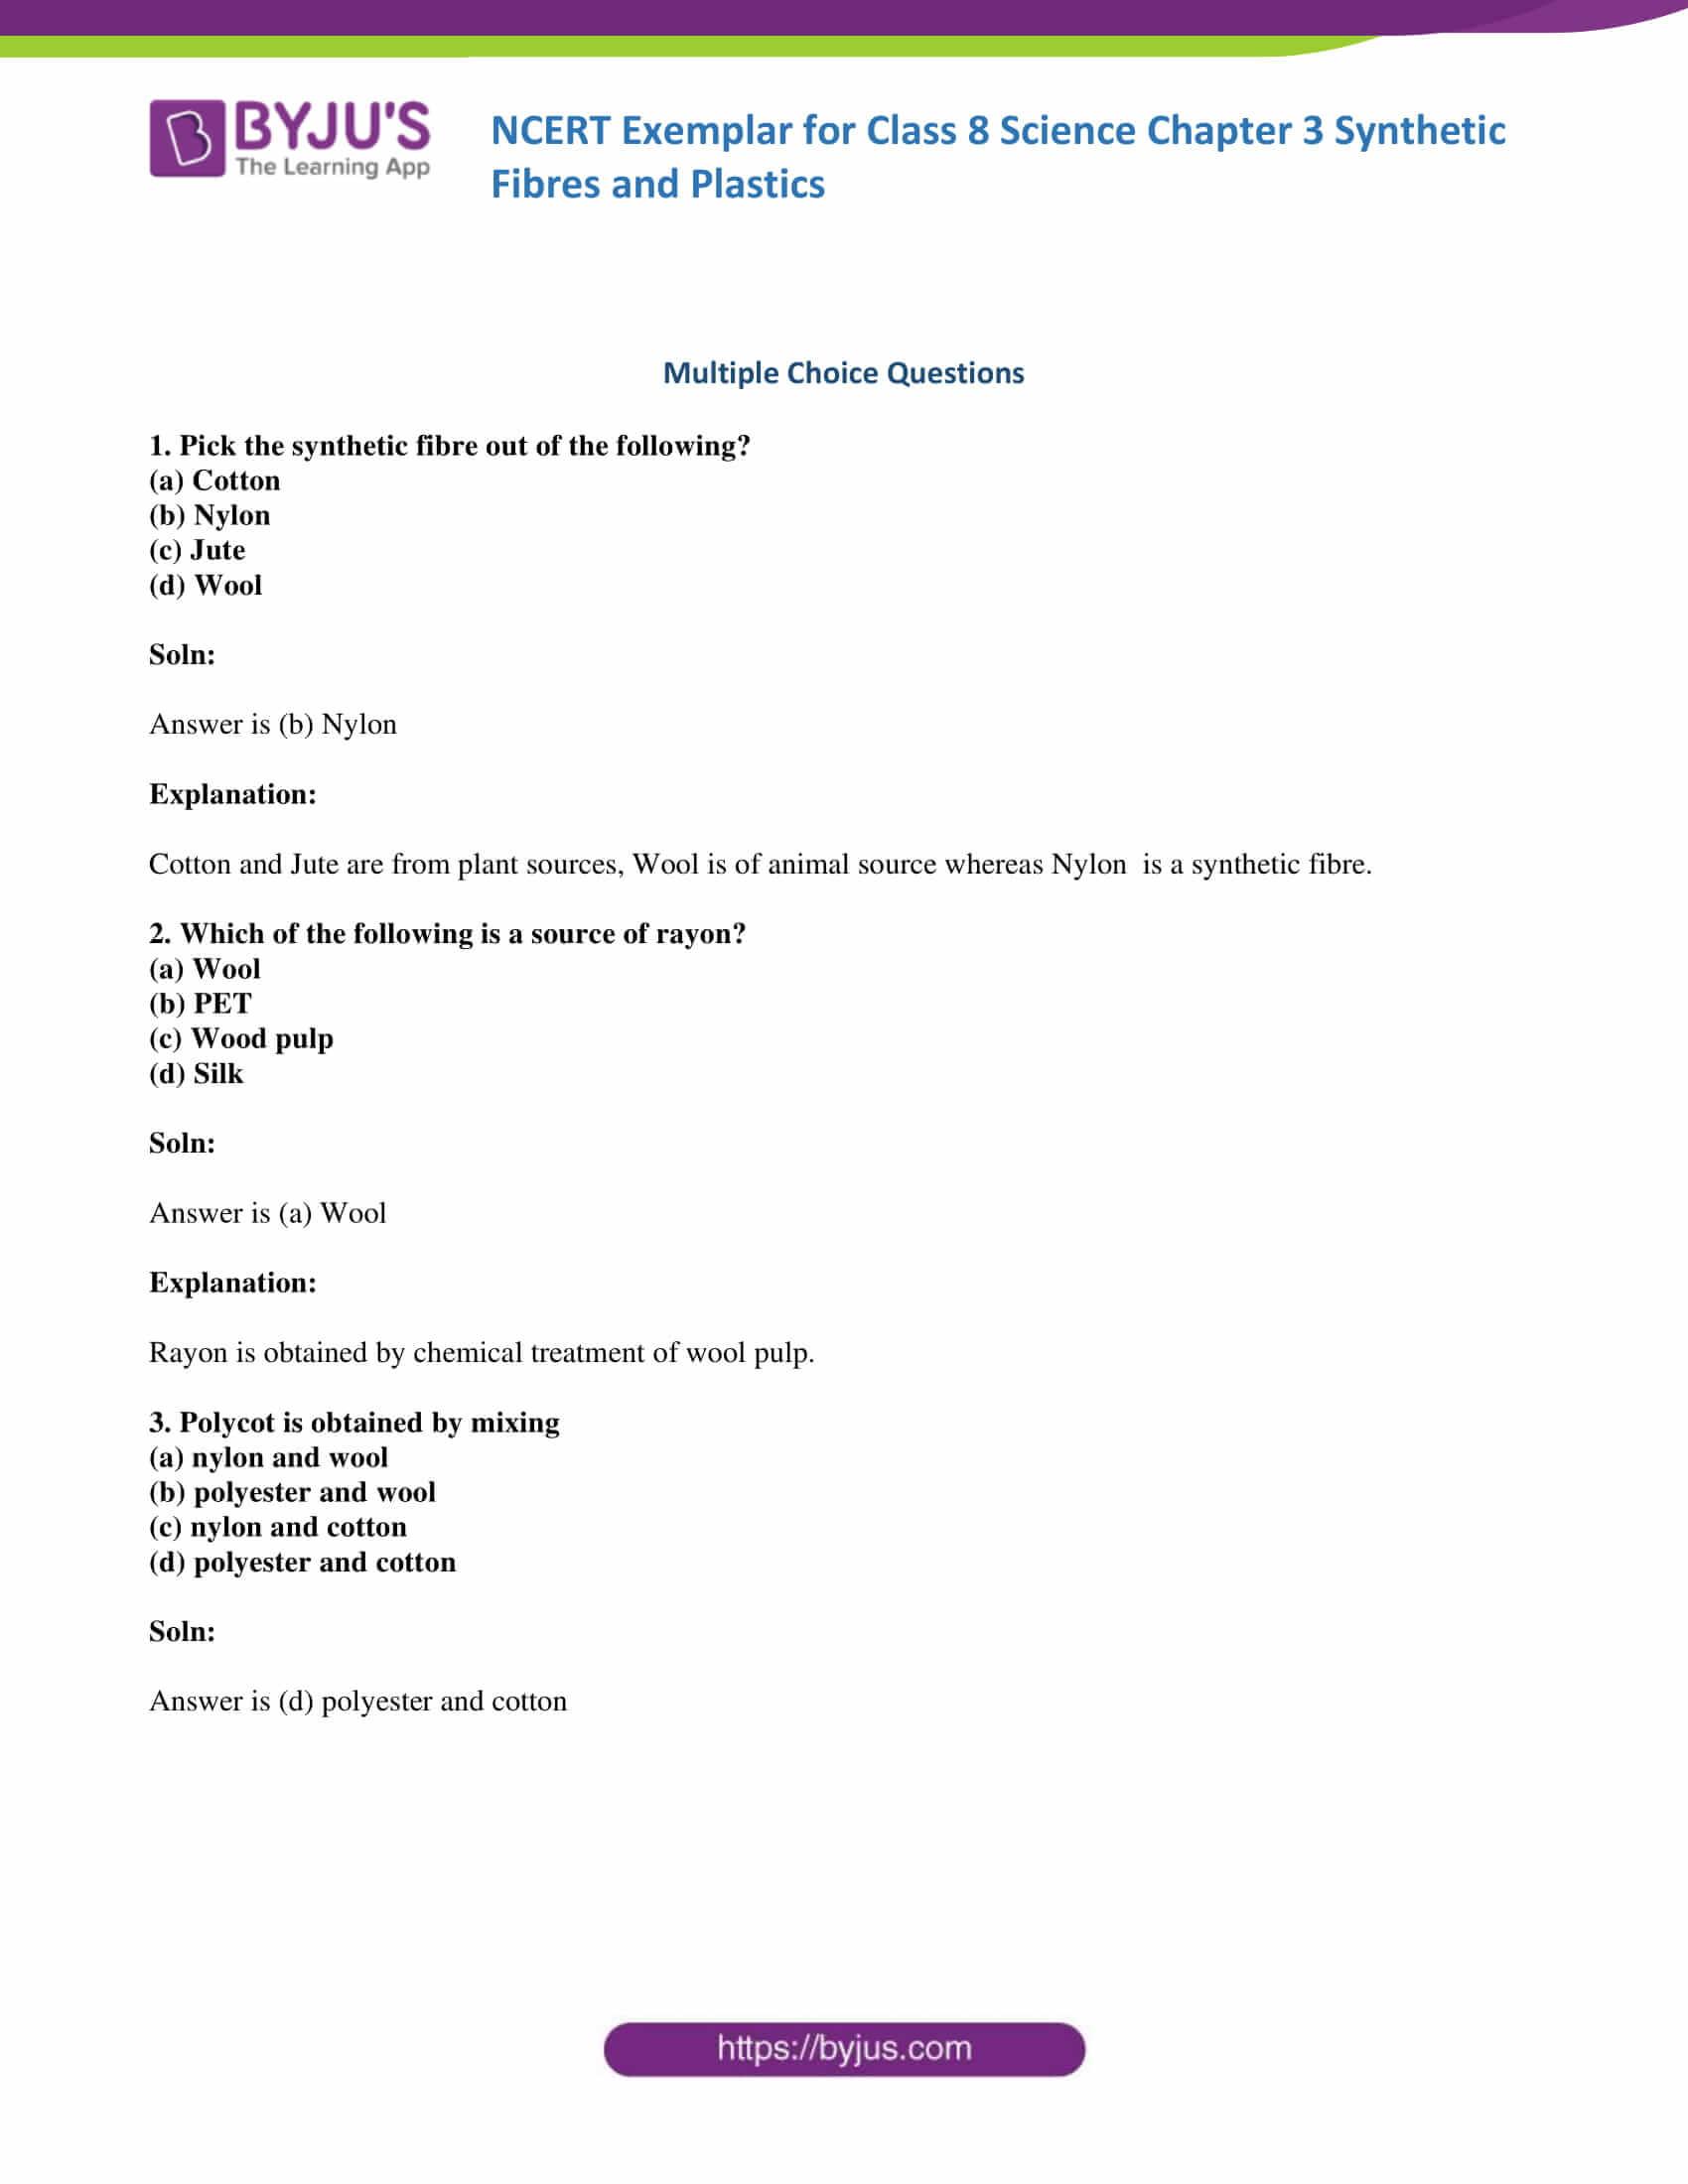 NCERT Exemplar solution class 8 Chapter 3 part 01